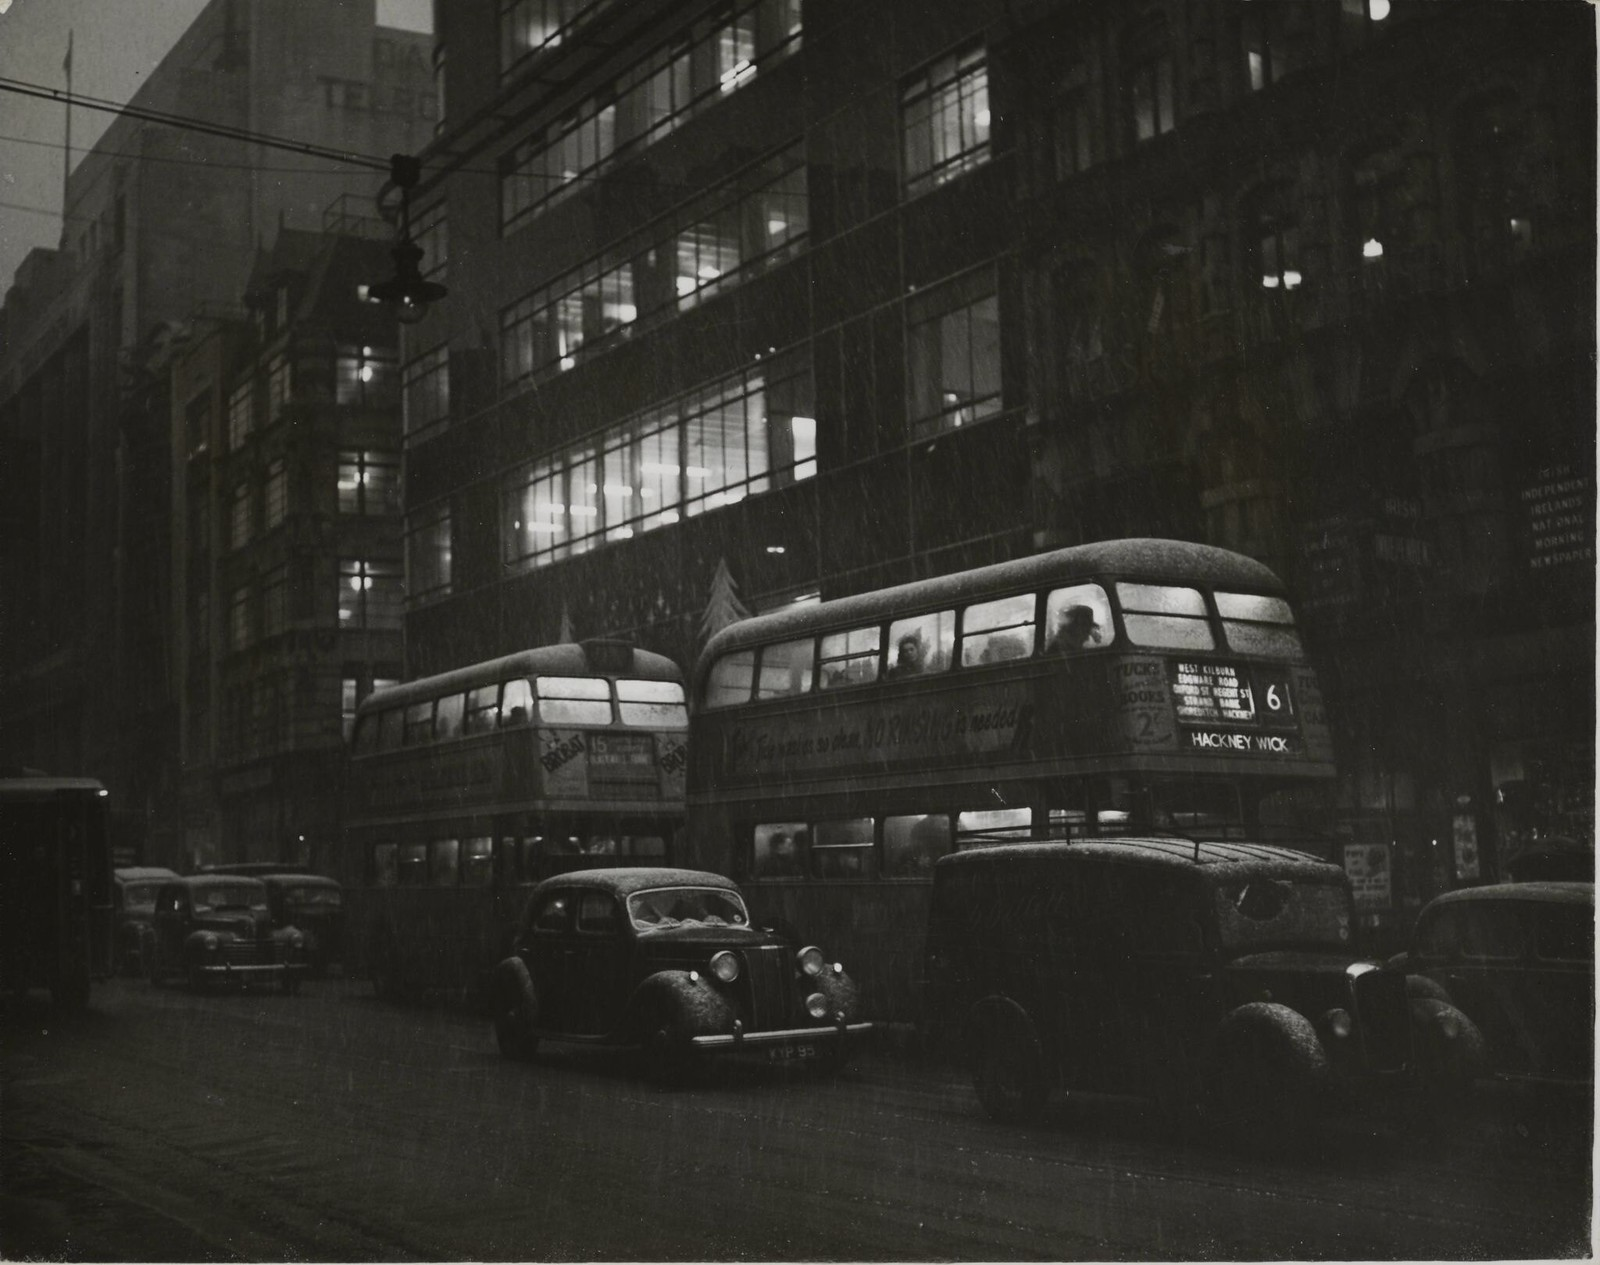 21. Темнота в полдень. Неприятная погода на Флит-стрит. Медленно движущиеся автобусы в «полуночных» условиях через Флит-стрит в сторону Ладгейт-серкус сегодня в полдень, когда чудовищное «затемнение» превращ